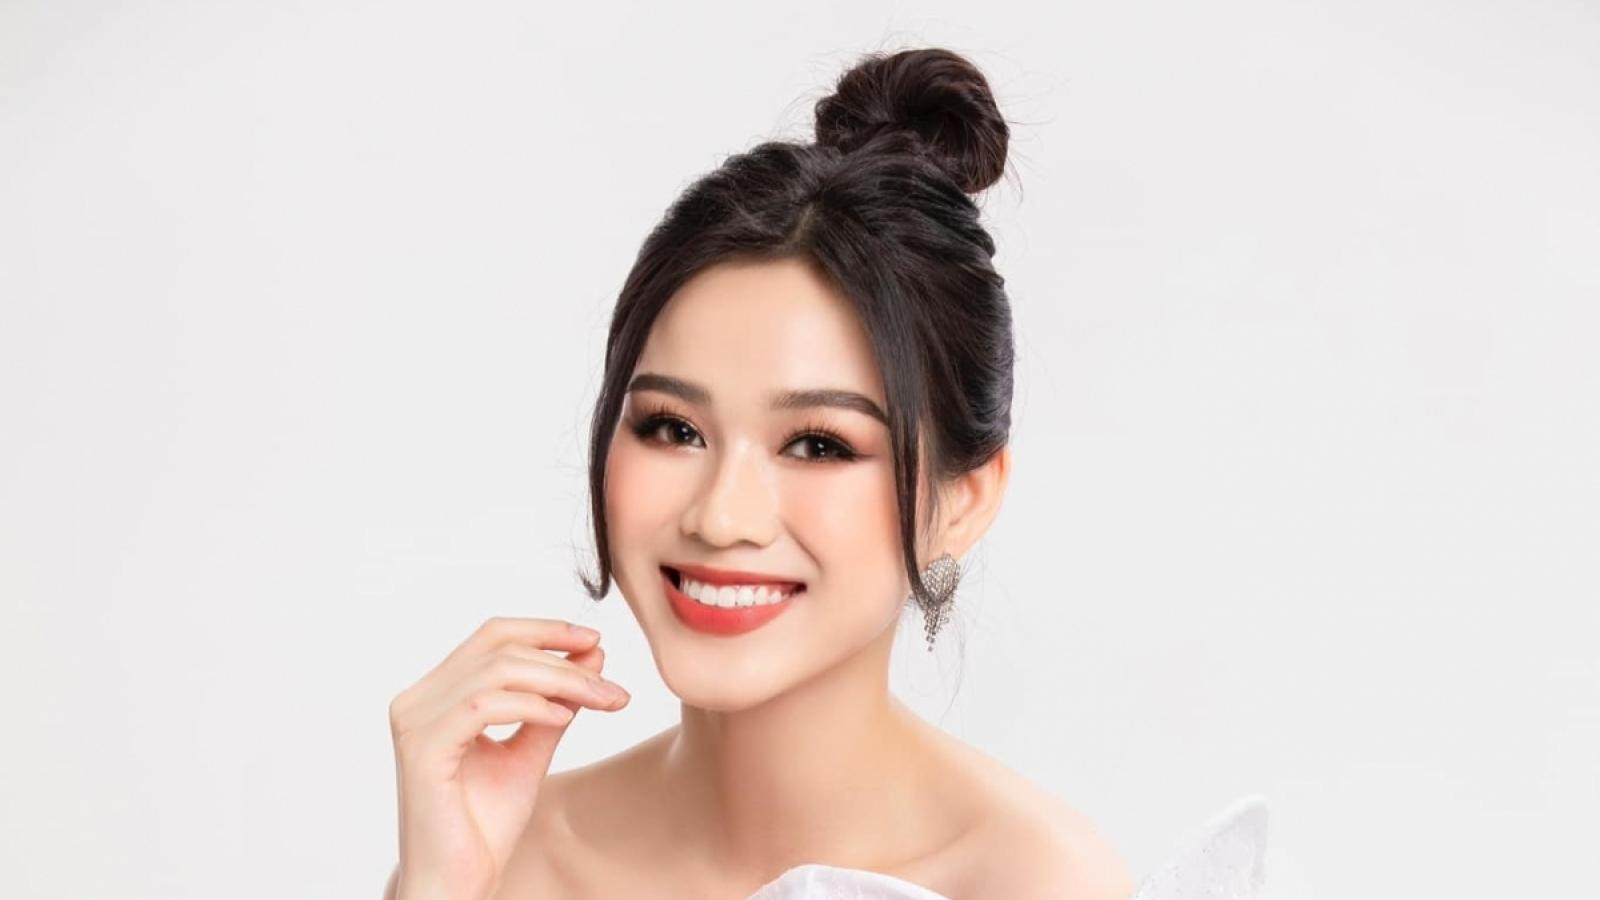 """Hoa hậu Đỗ Thị Hà chia sẻ xúc động về ngày 20/10 trong giai đoạn """"bình thường mới"""""""